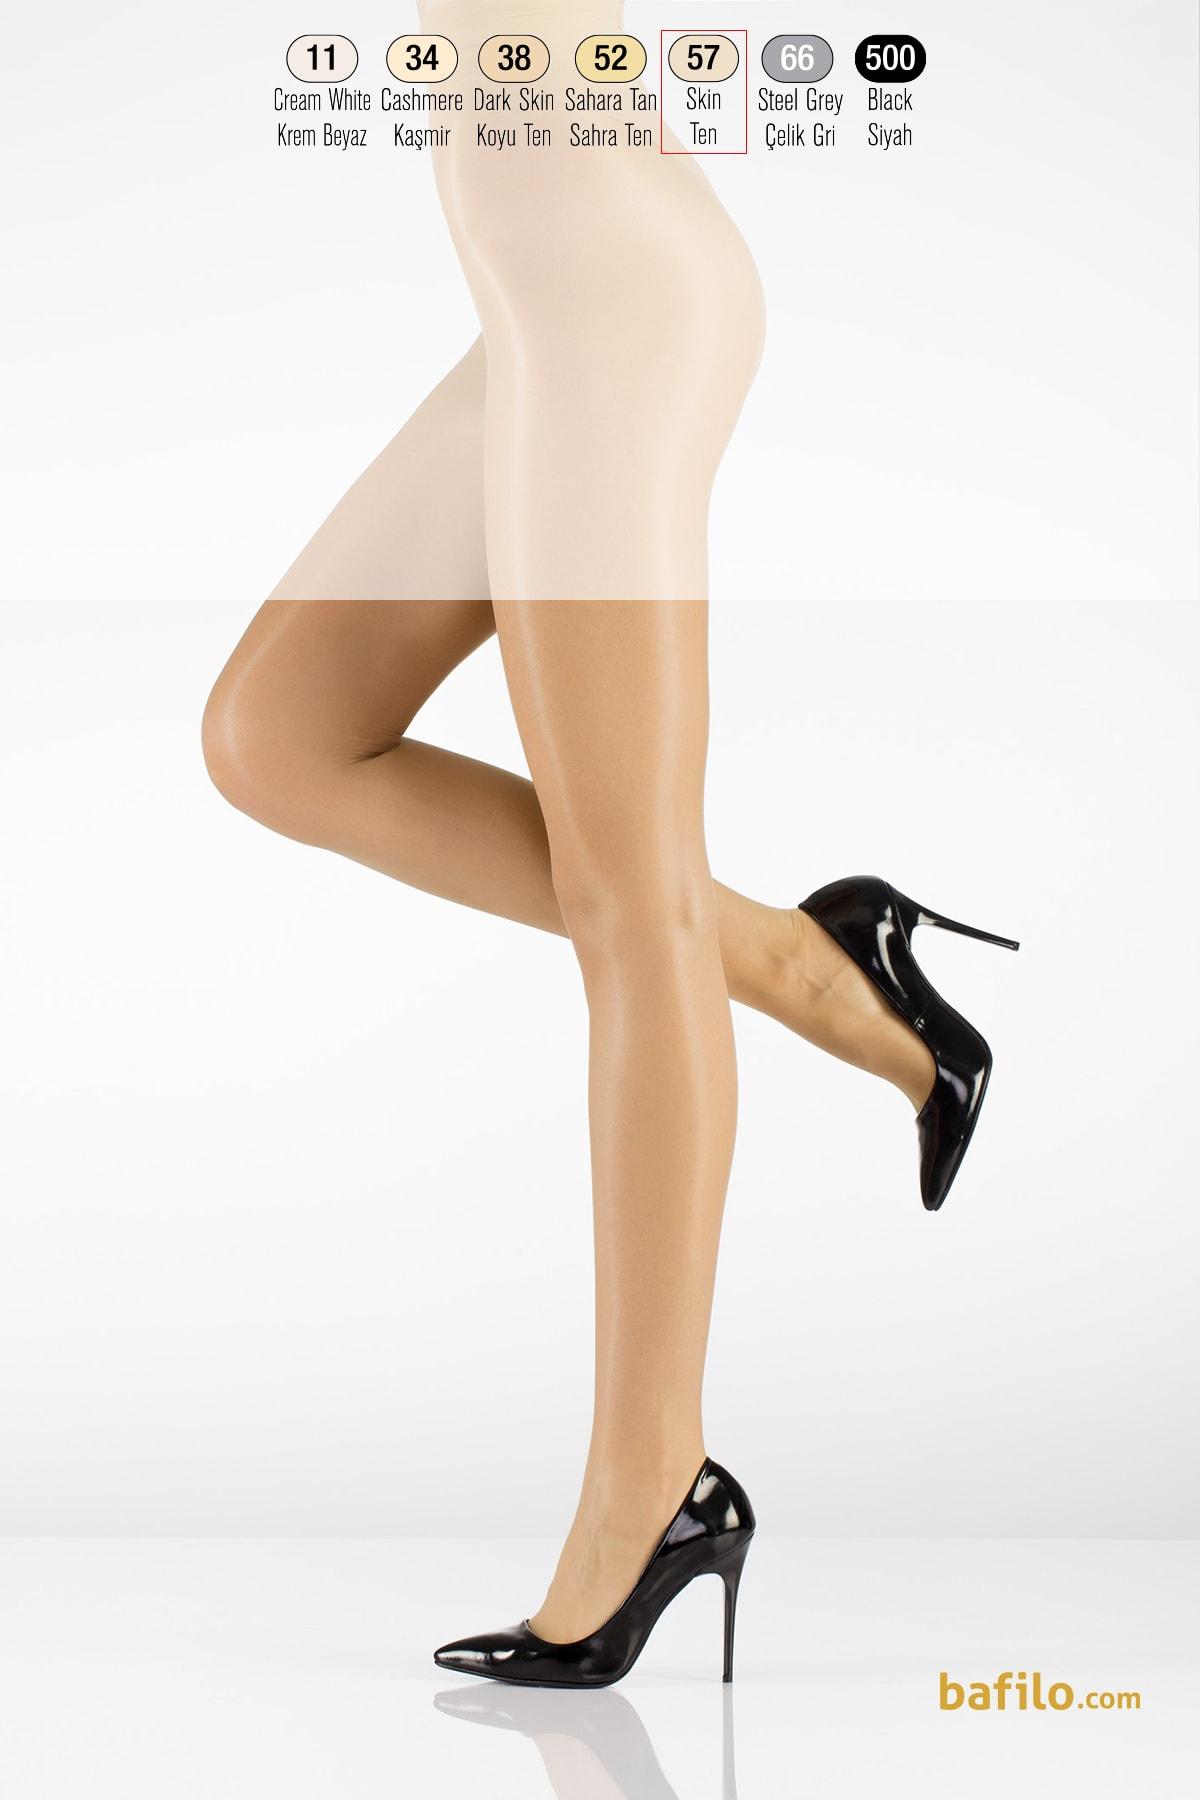 ایتالیانا | ITALIANA - جوراب شلواری بسیار نازک ایتالیانا İpince 5 - رنگ بدن